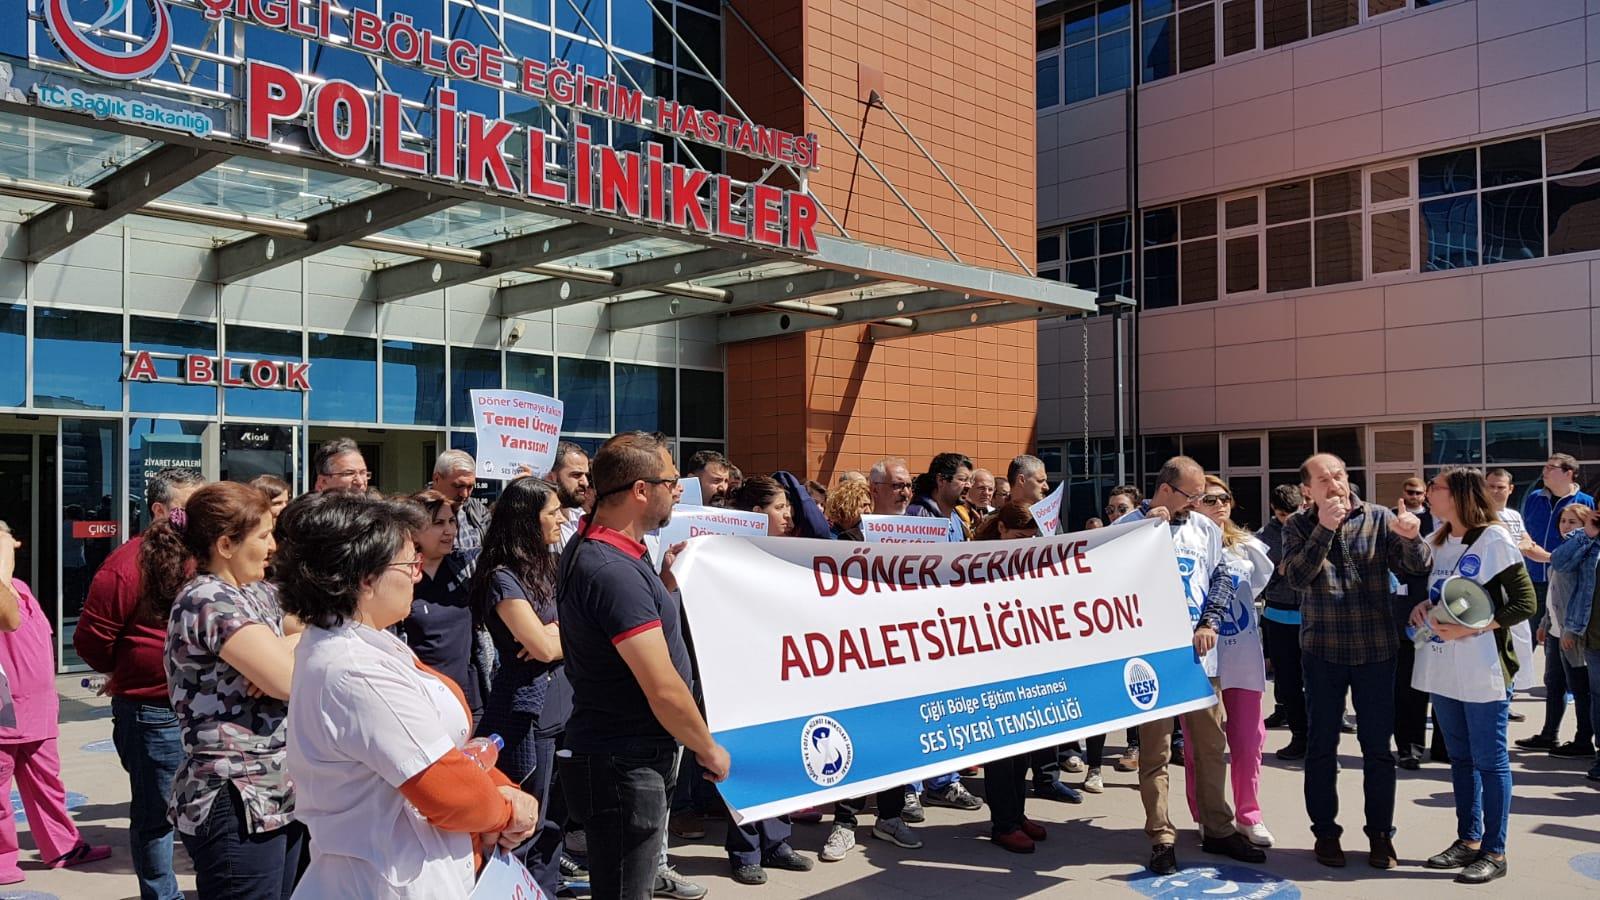 İzmir: Döner Sermaye Adaletsizliğine Son